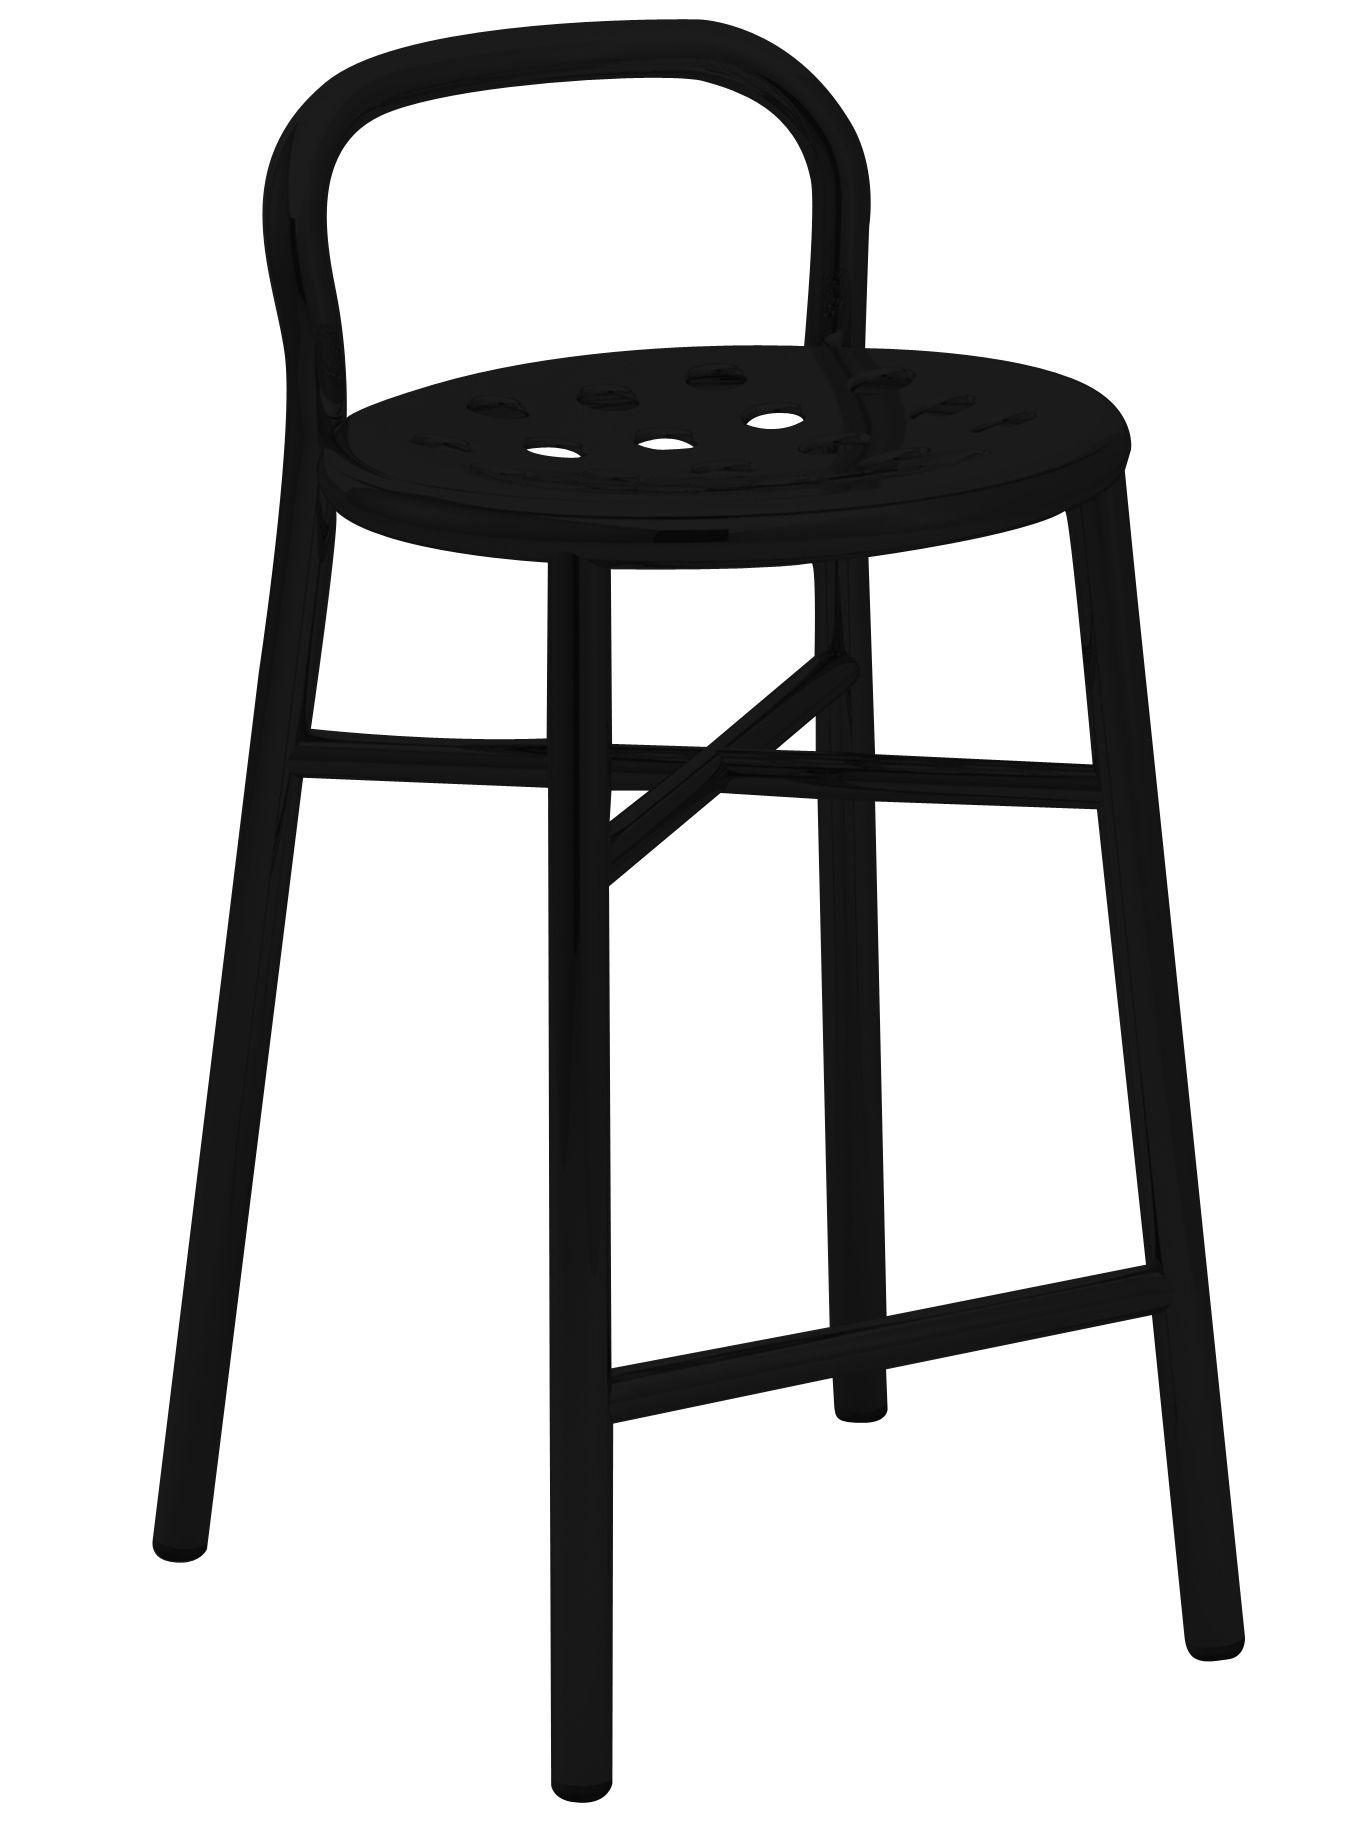 Arredamento - Sgabelli da bar  - Sgabello bar Pipe - h 77 cm di Magis - Nero - Acciaio verniciato, alluminio verniciato